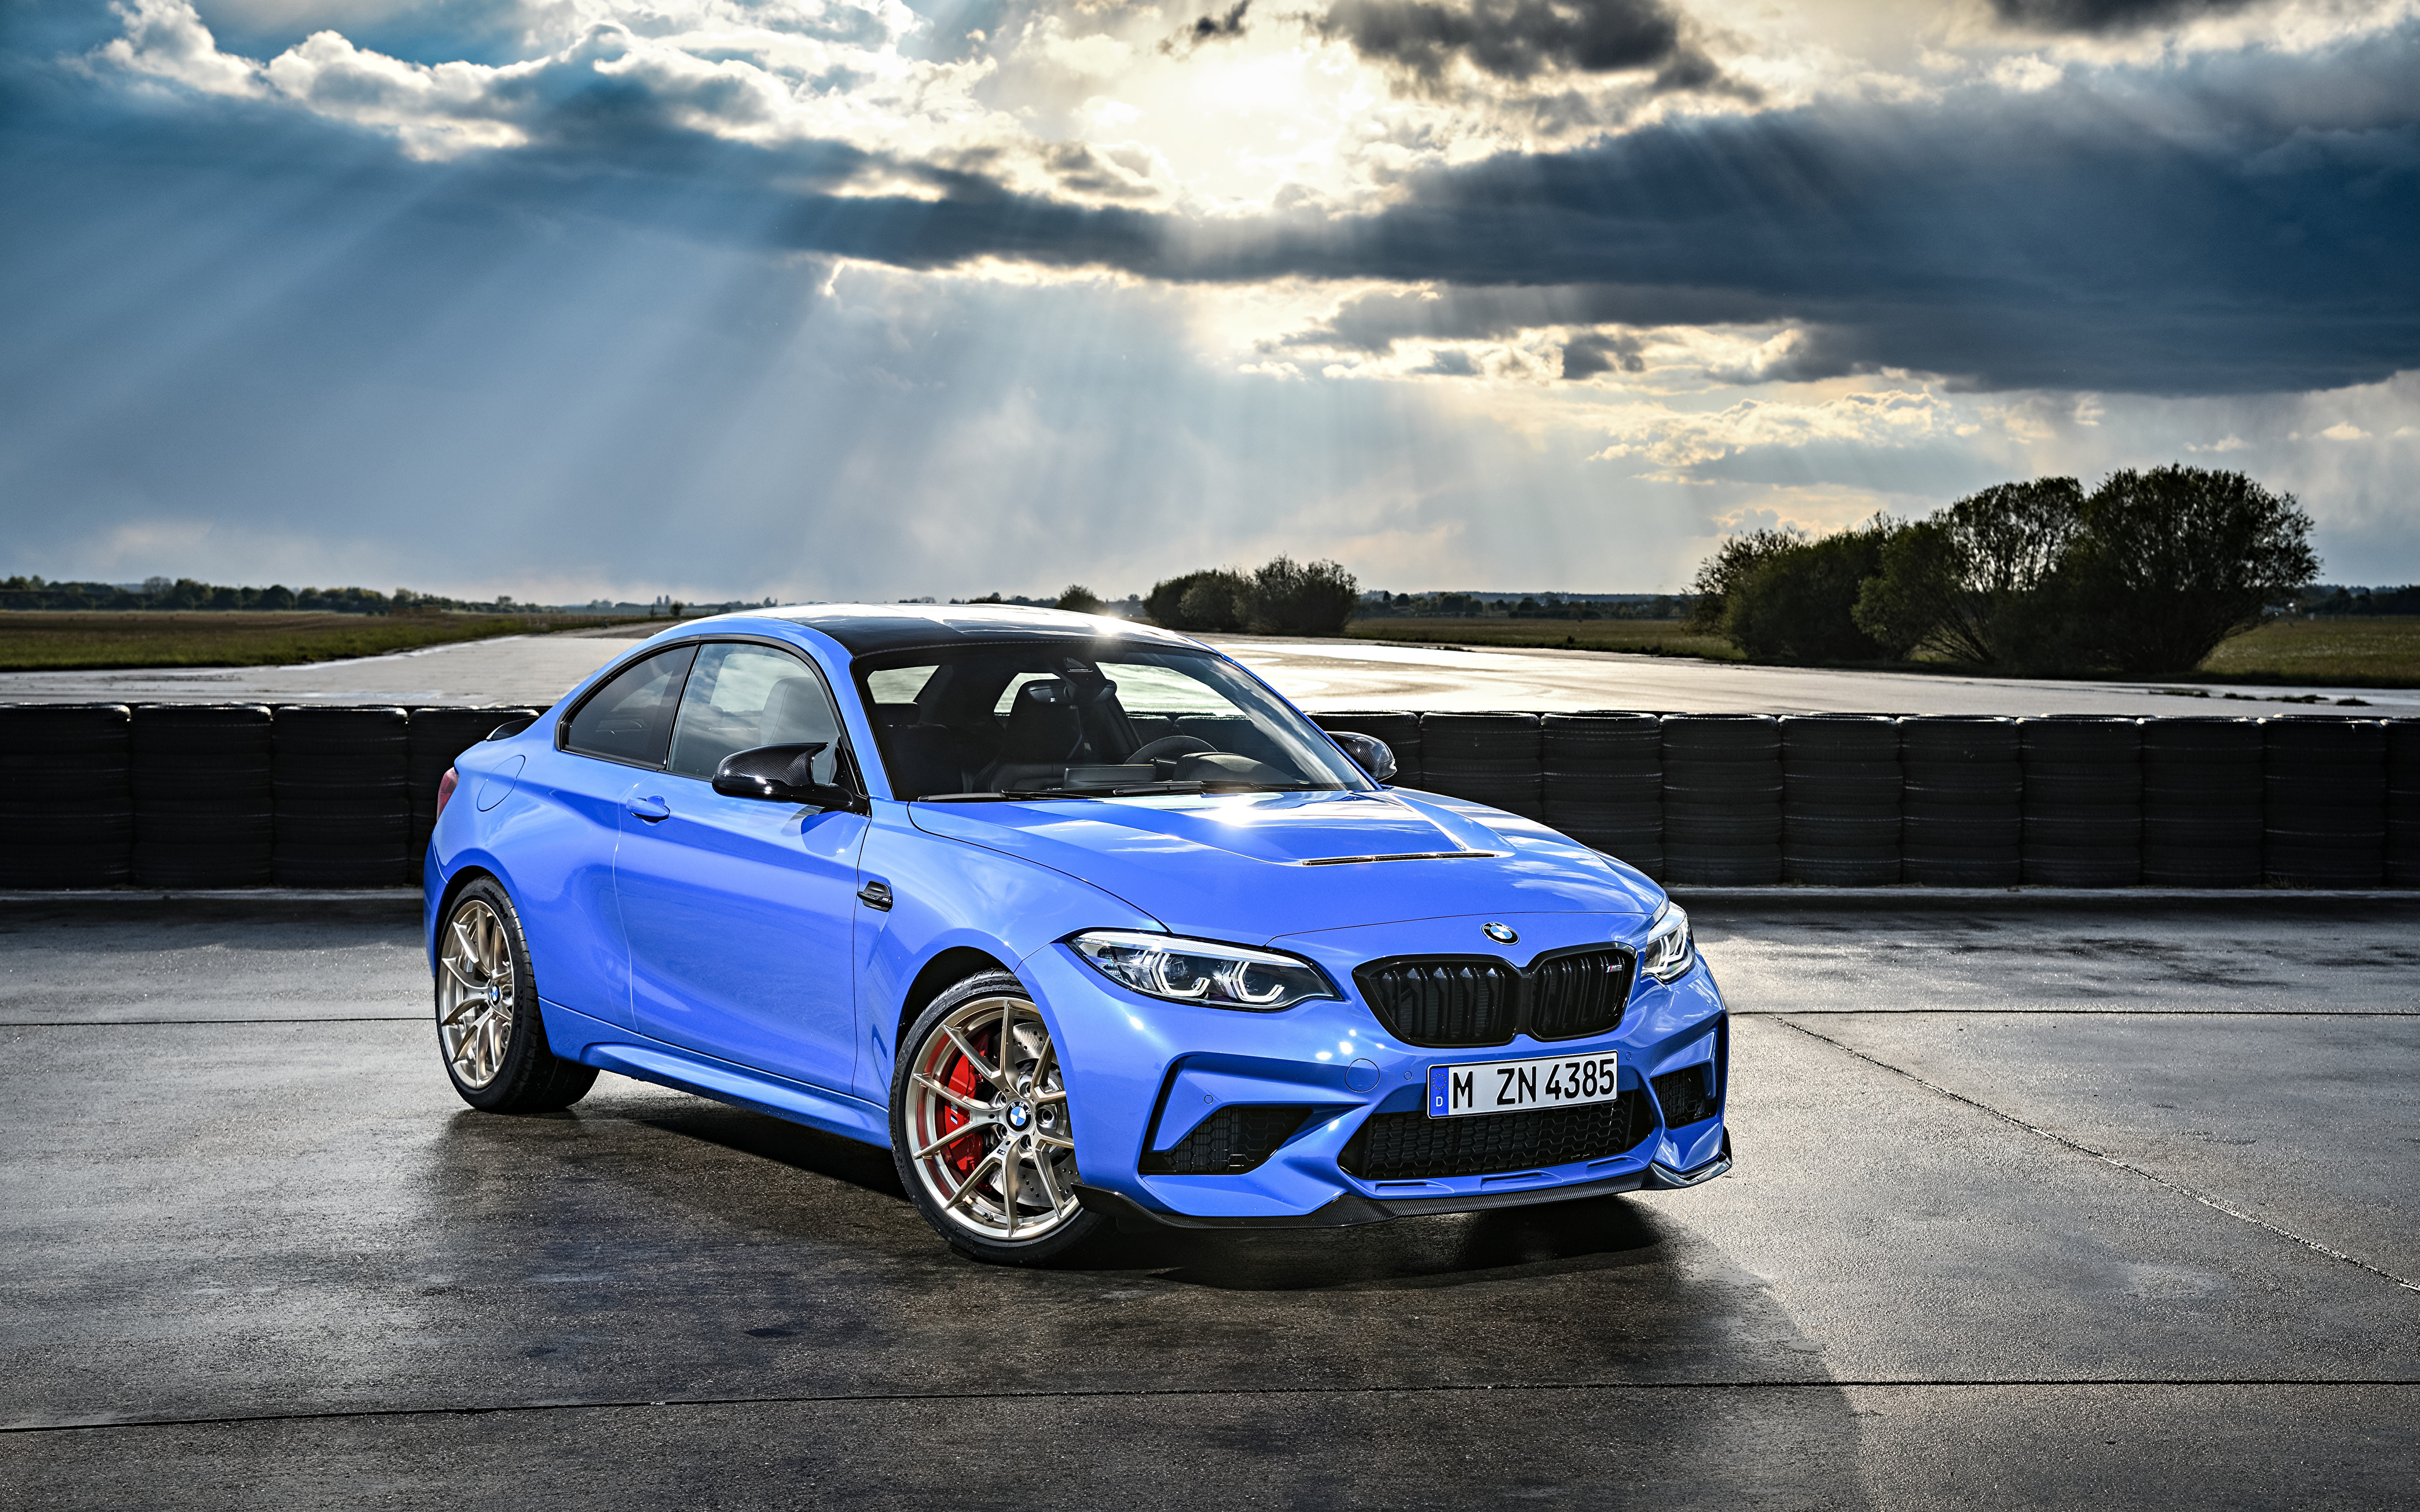 Фотография BMW 2019 M2 CS Worldwide голубая Металлик Автомобили 3840x2400 БМВ Голубой голубые голубых авто машины машина автомобиль